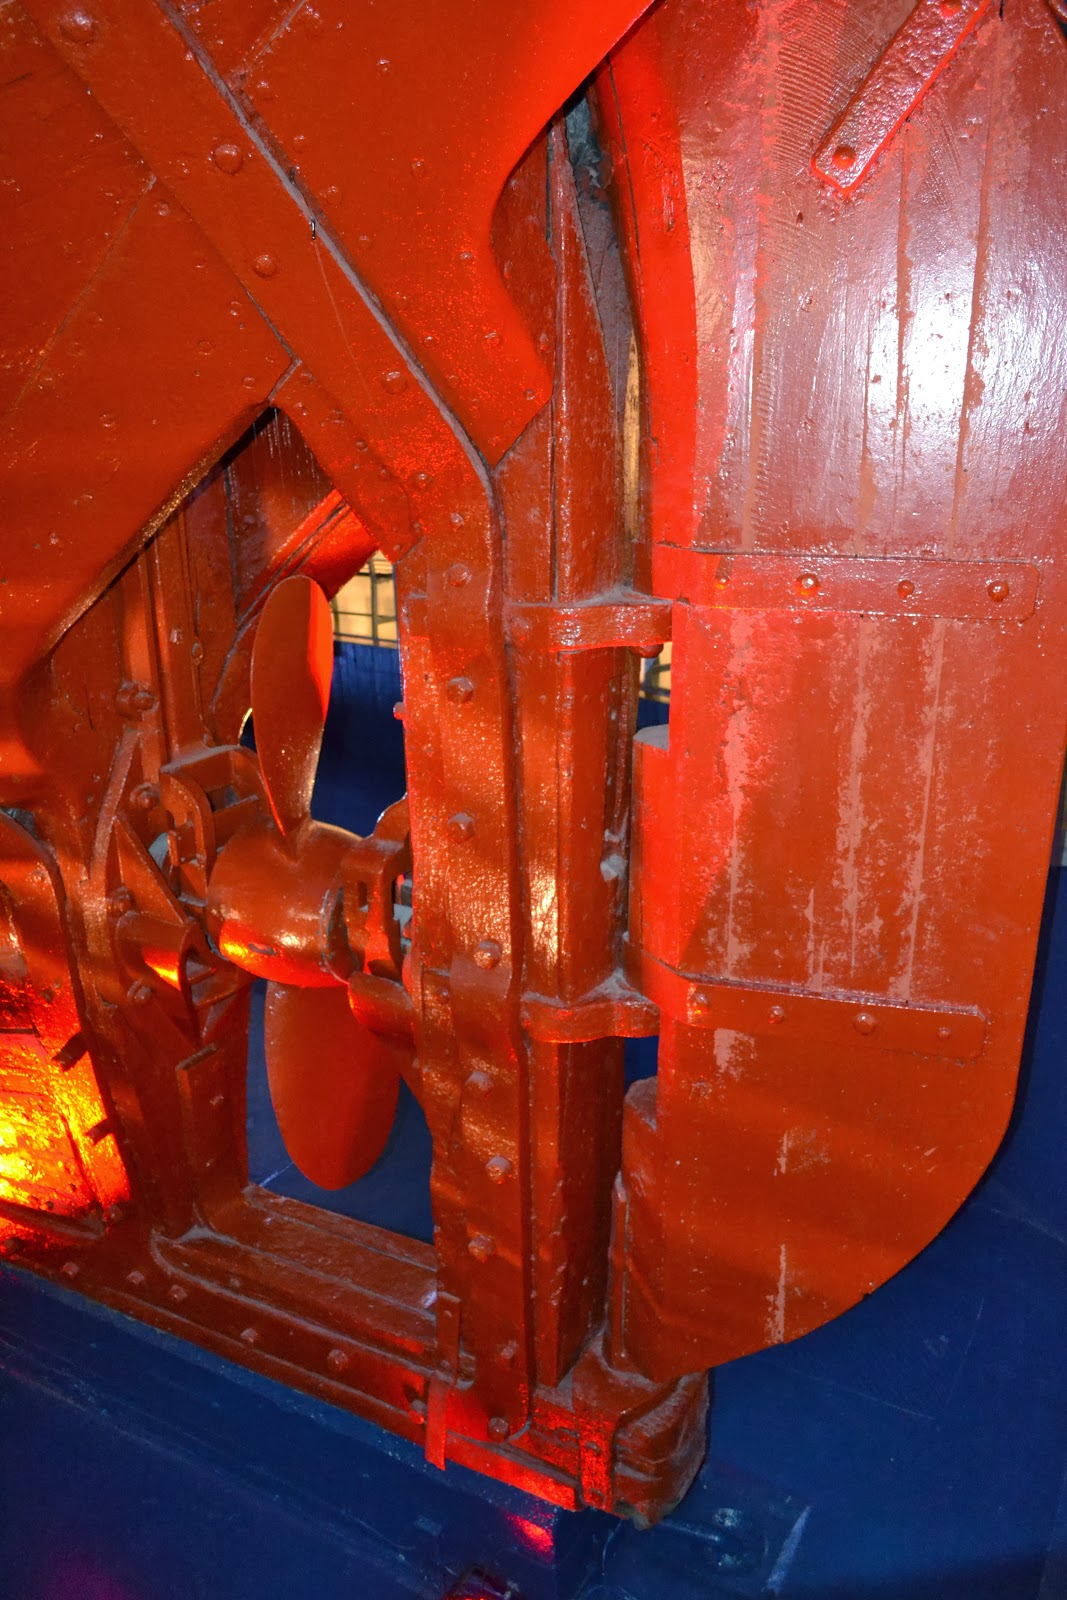 Rudder and propeller of the fram